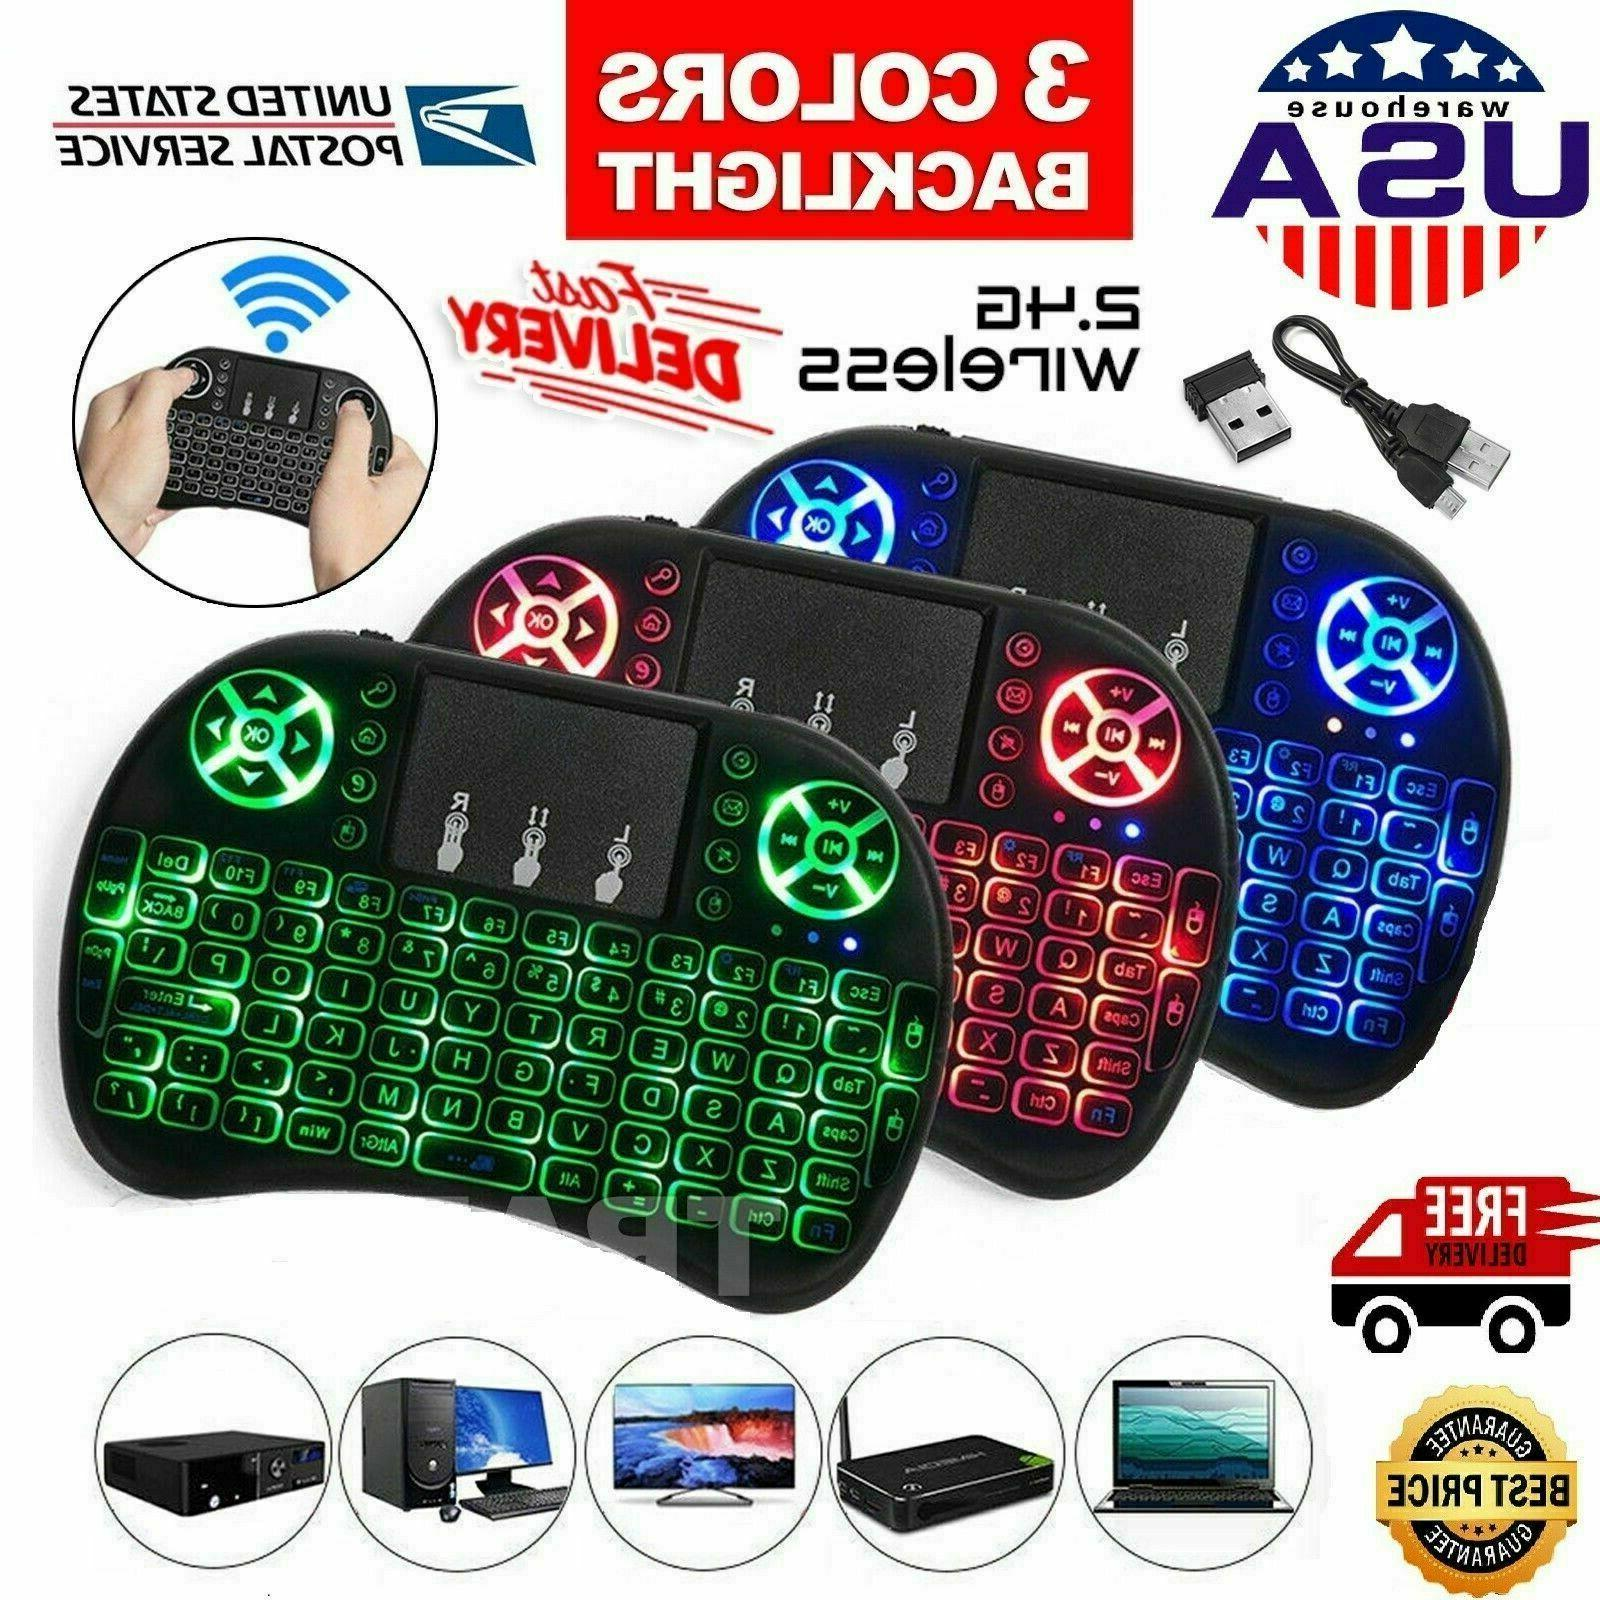 2 4ghz mini wireless keyboard backlight